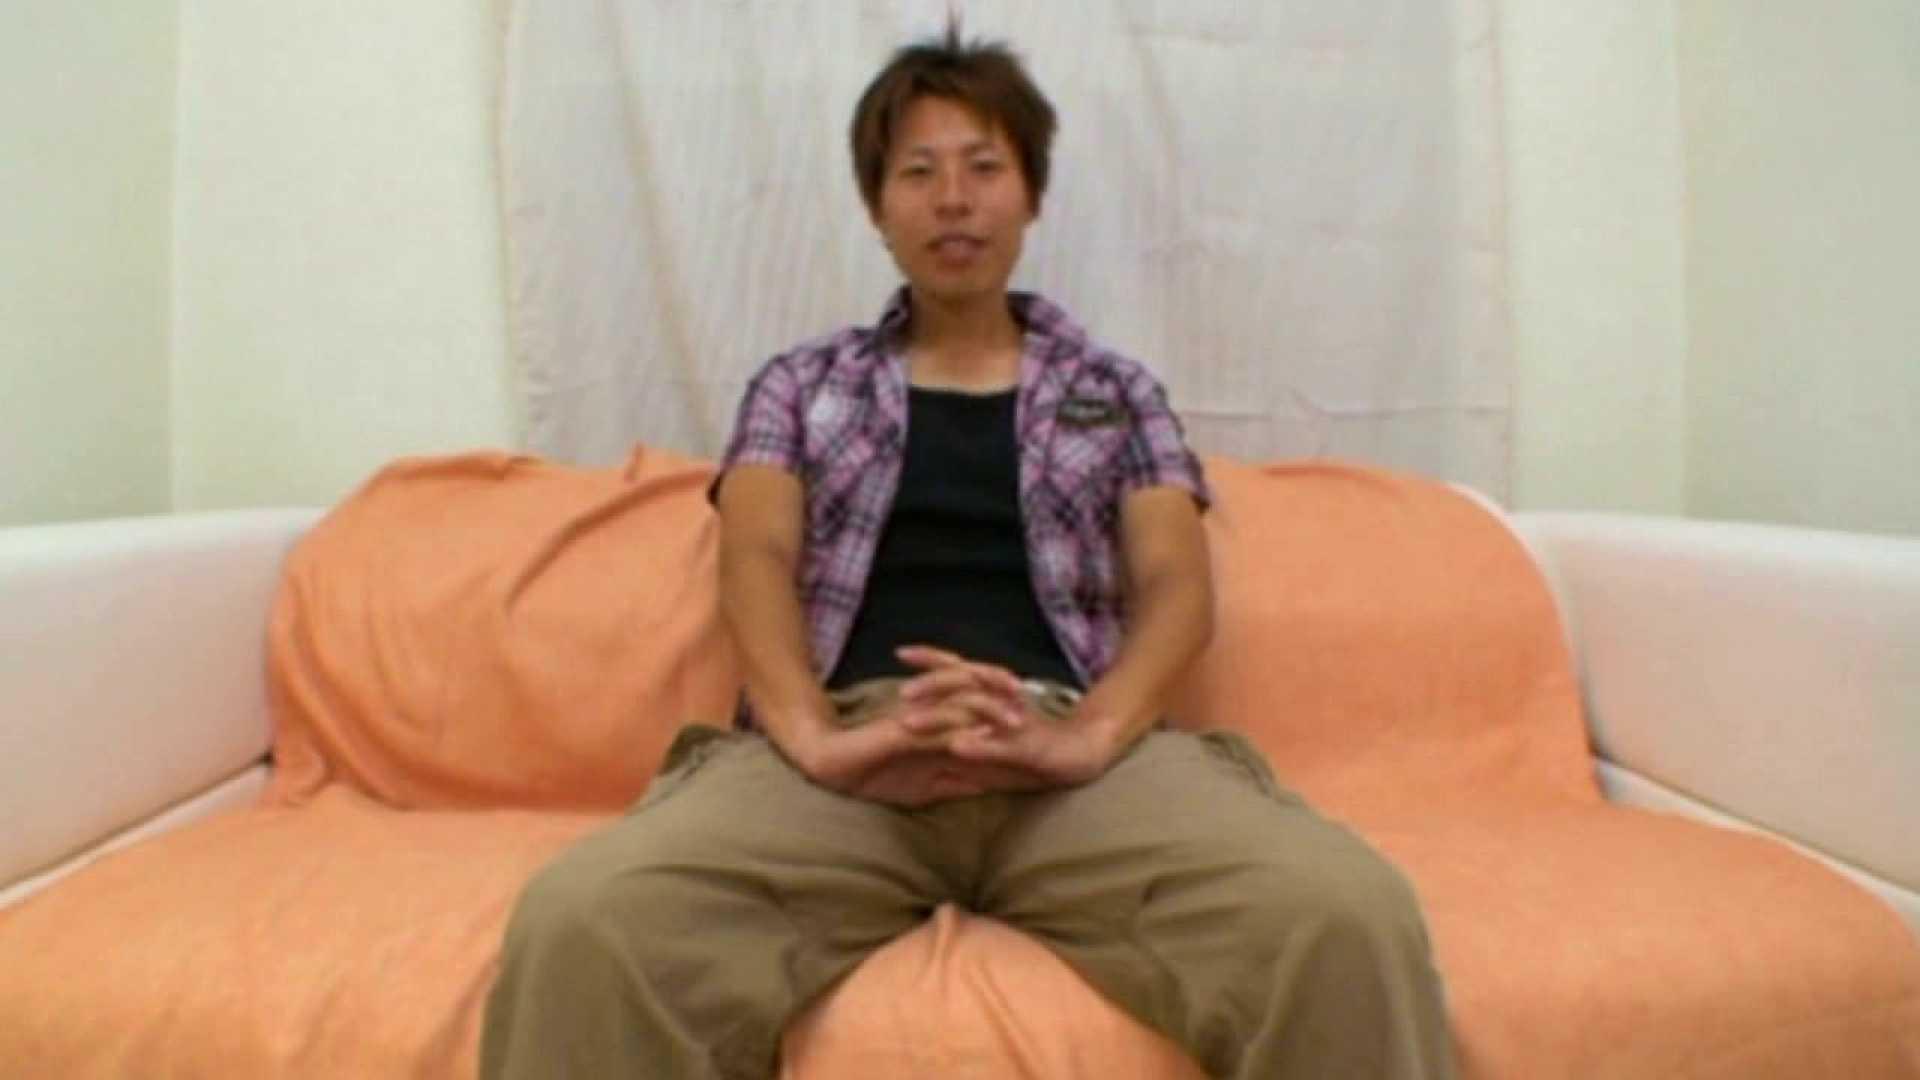 ノンケ!自慰スタジオ No.10 オナニー アダルトビデオ画像キャプチャ 113枚 79